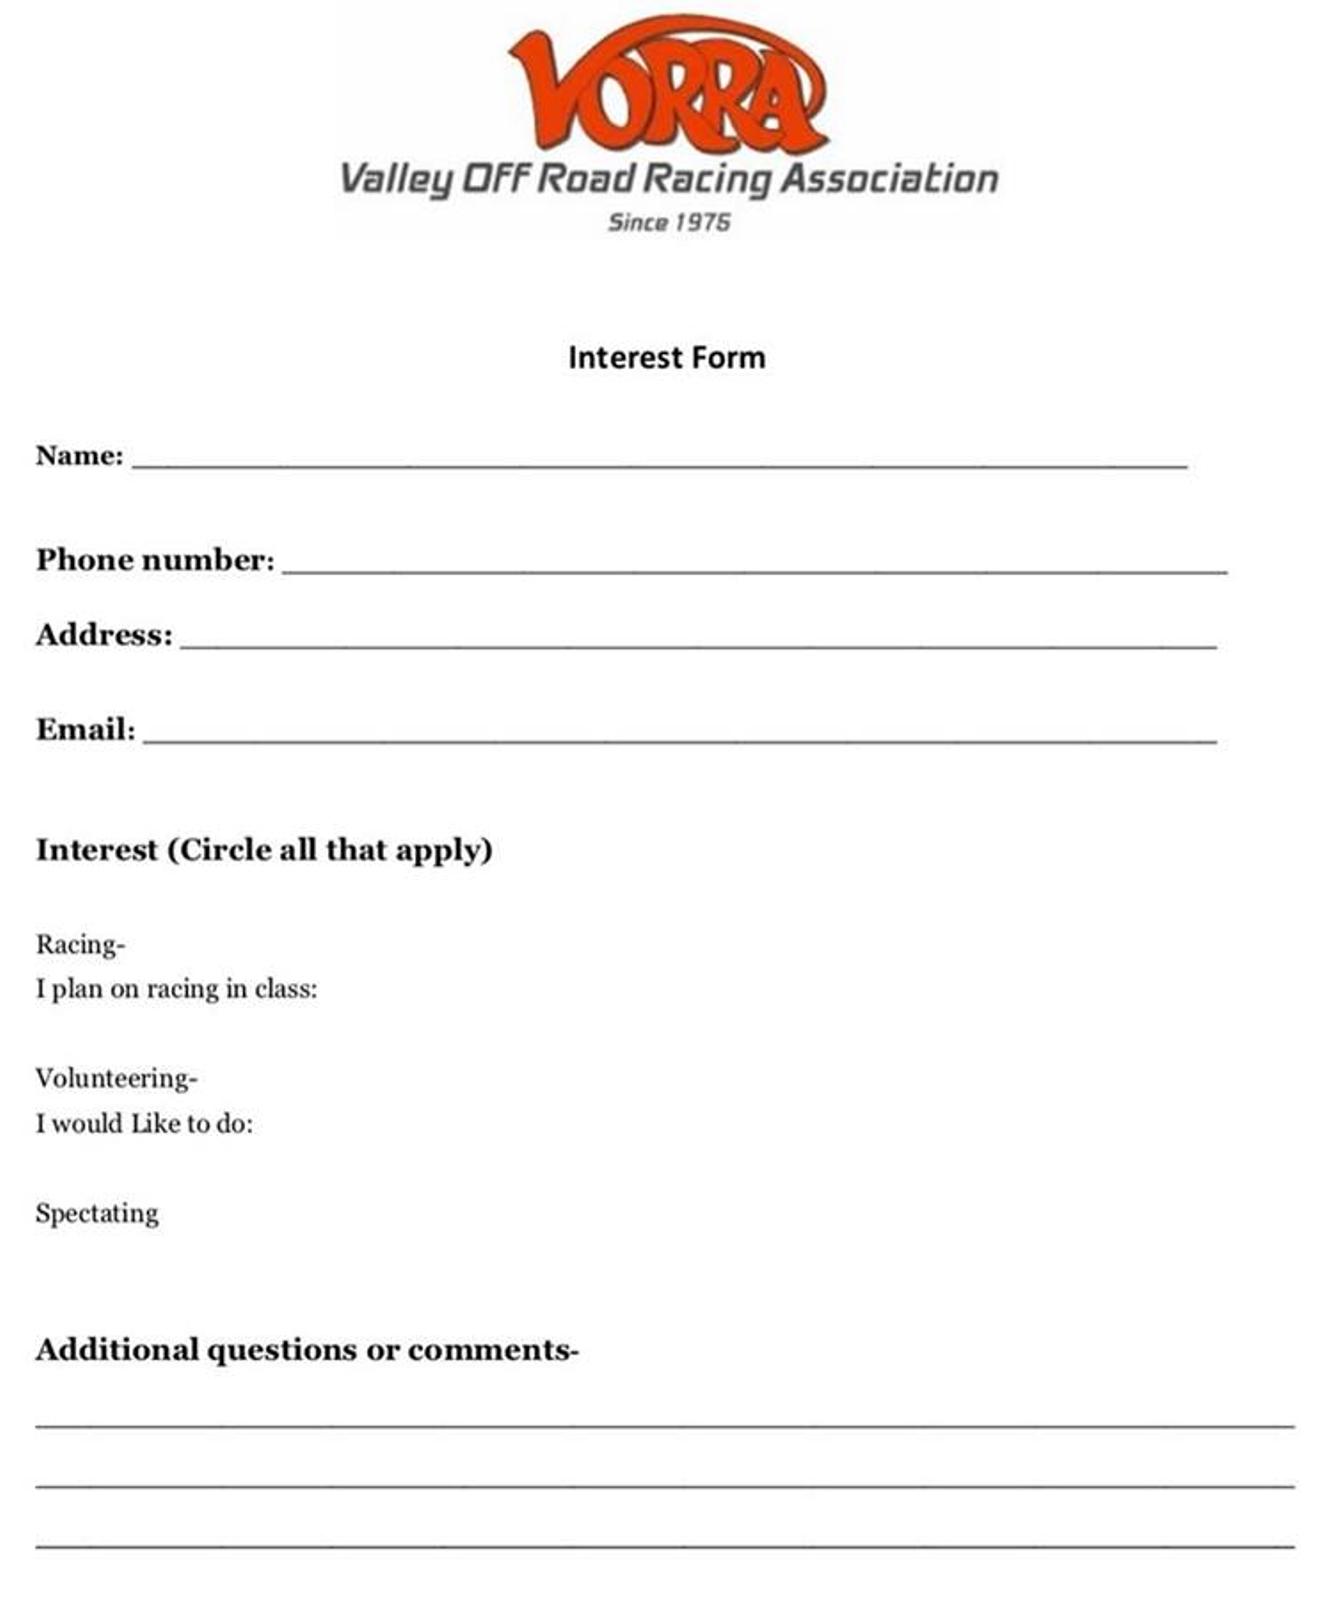 vorra-2019-entry-form-1.png